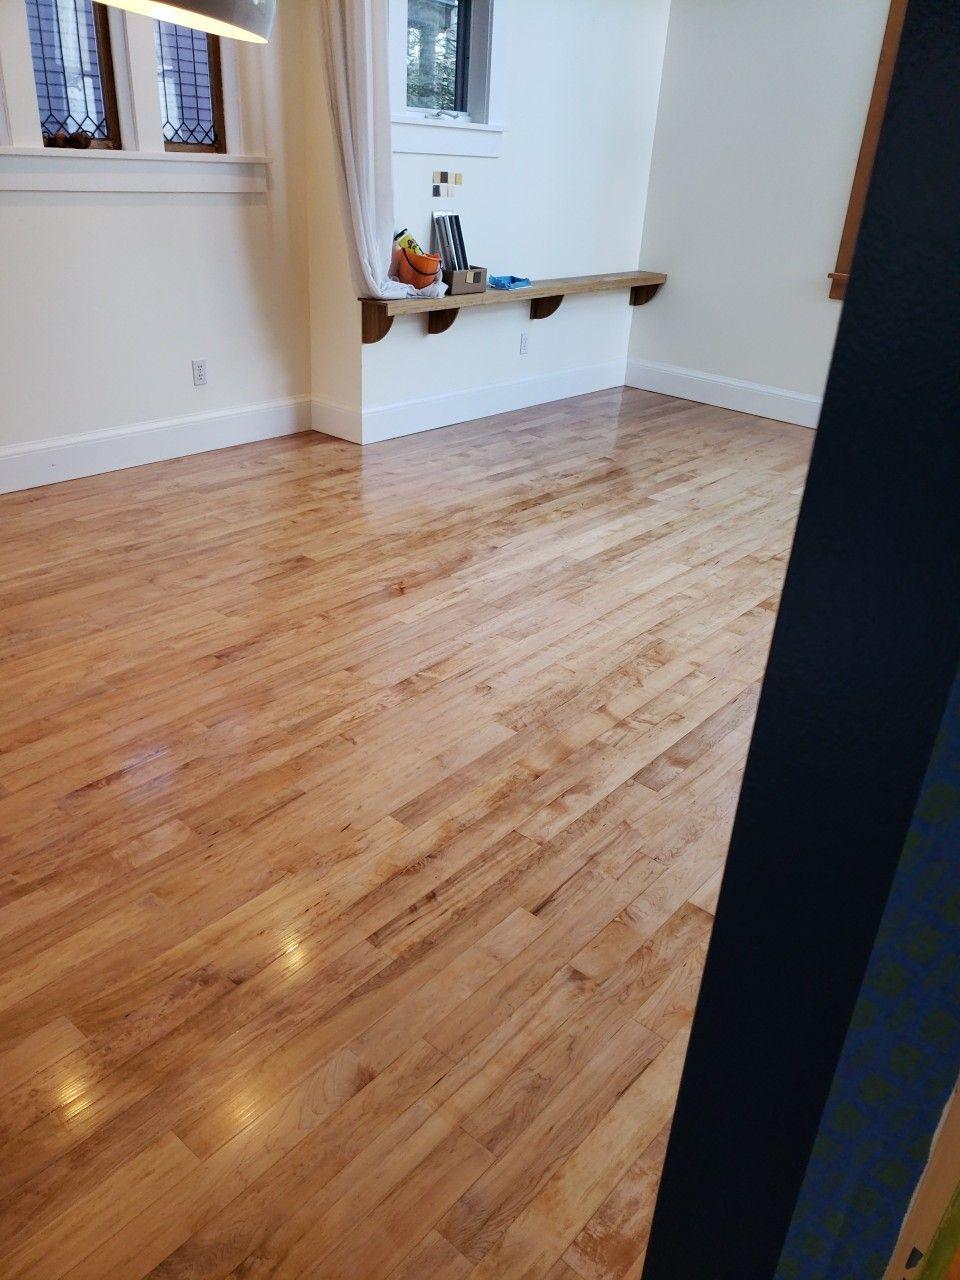 Maple Floor Stained Duraseal Golden Pecan Maple Floors Floor Remodel Hardwood Floor Stain Colors